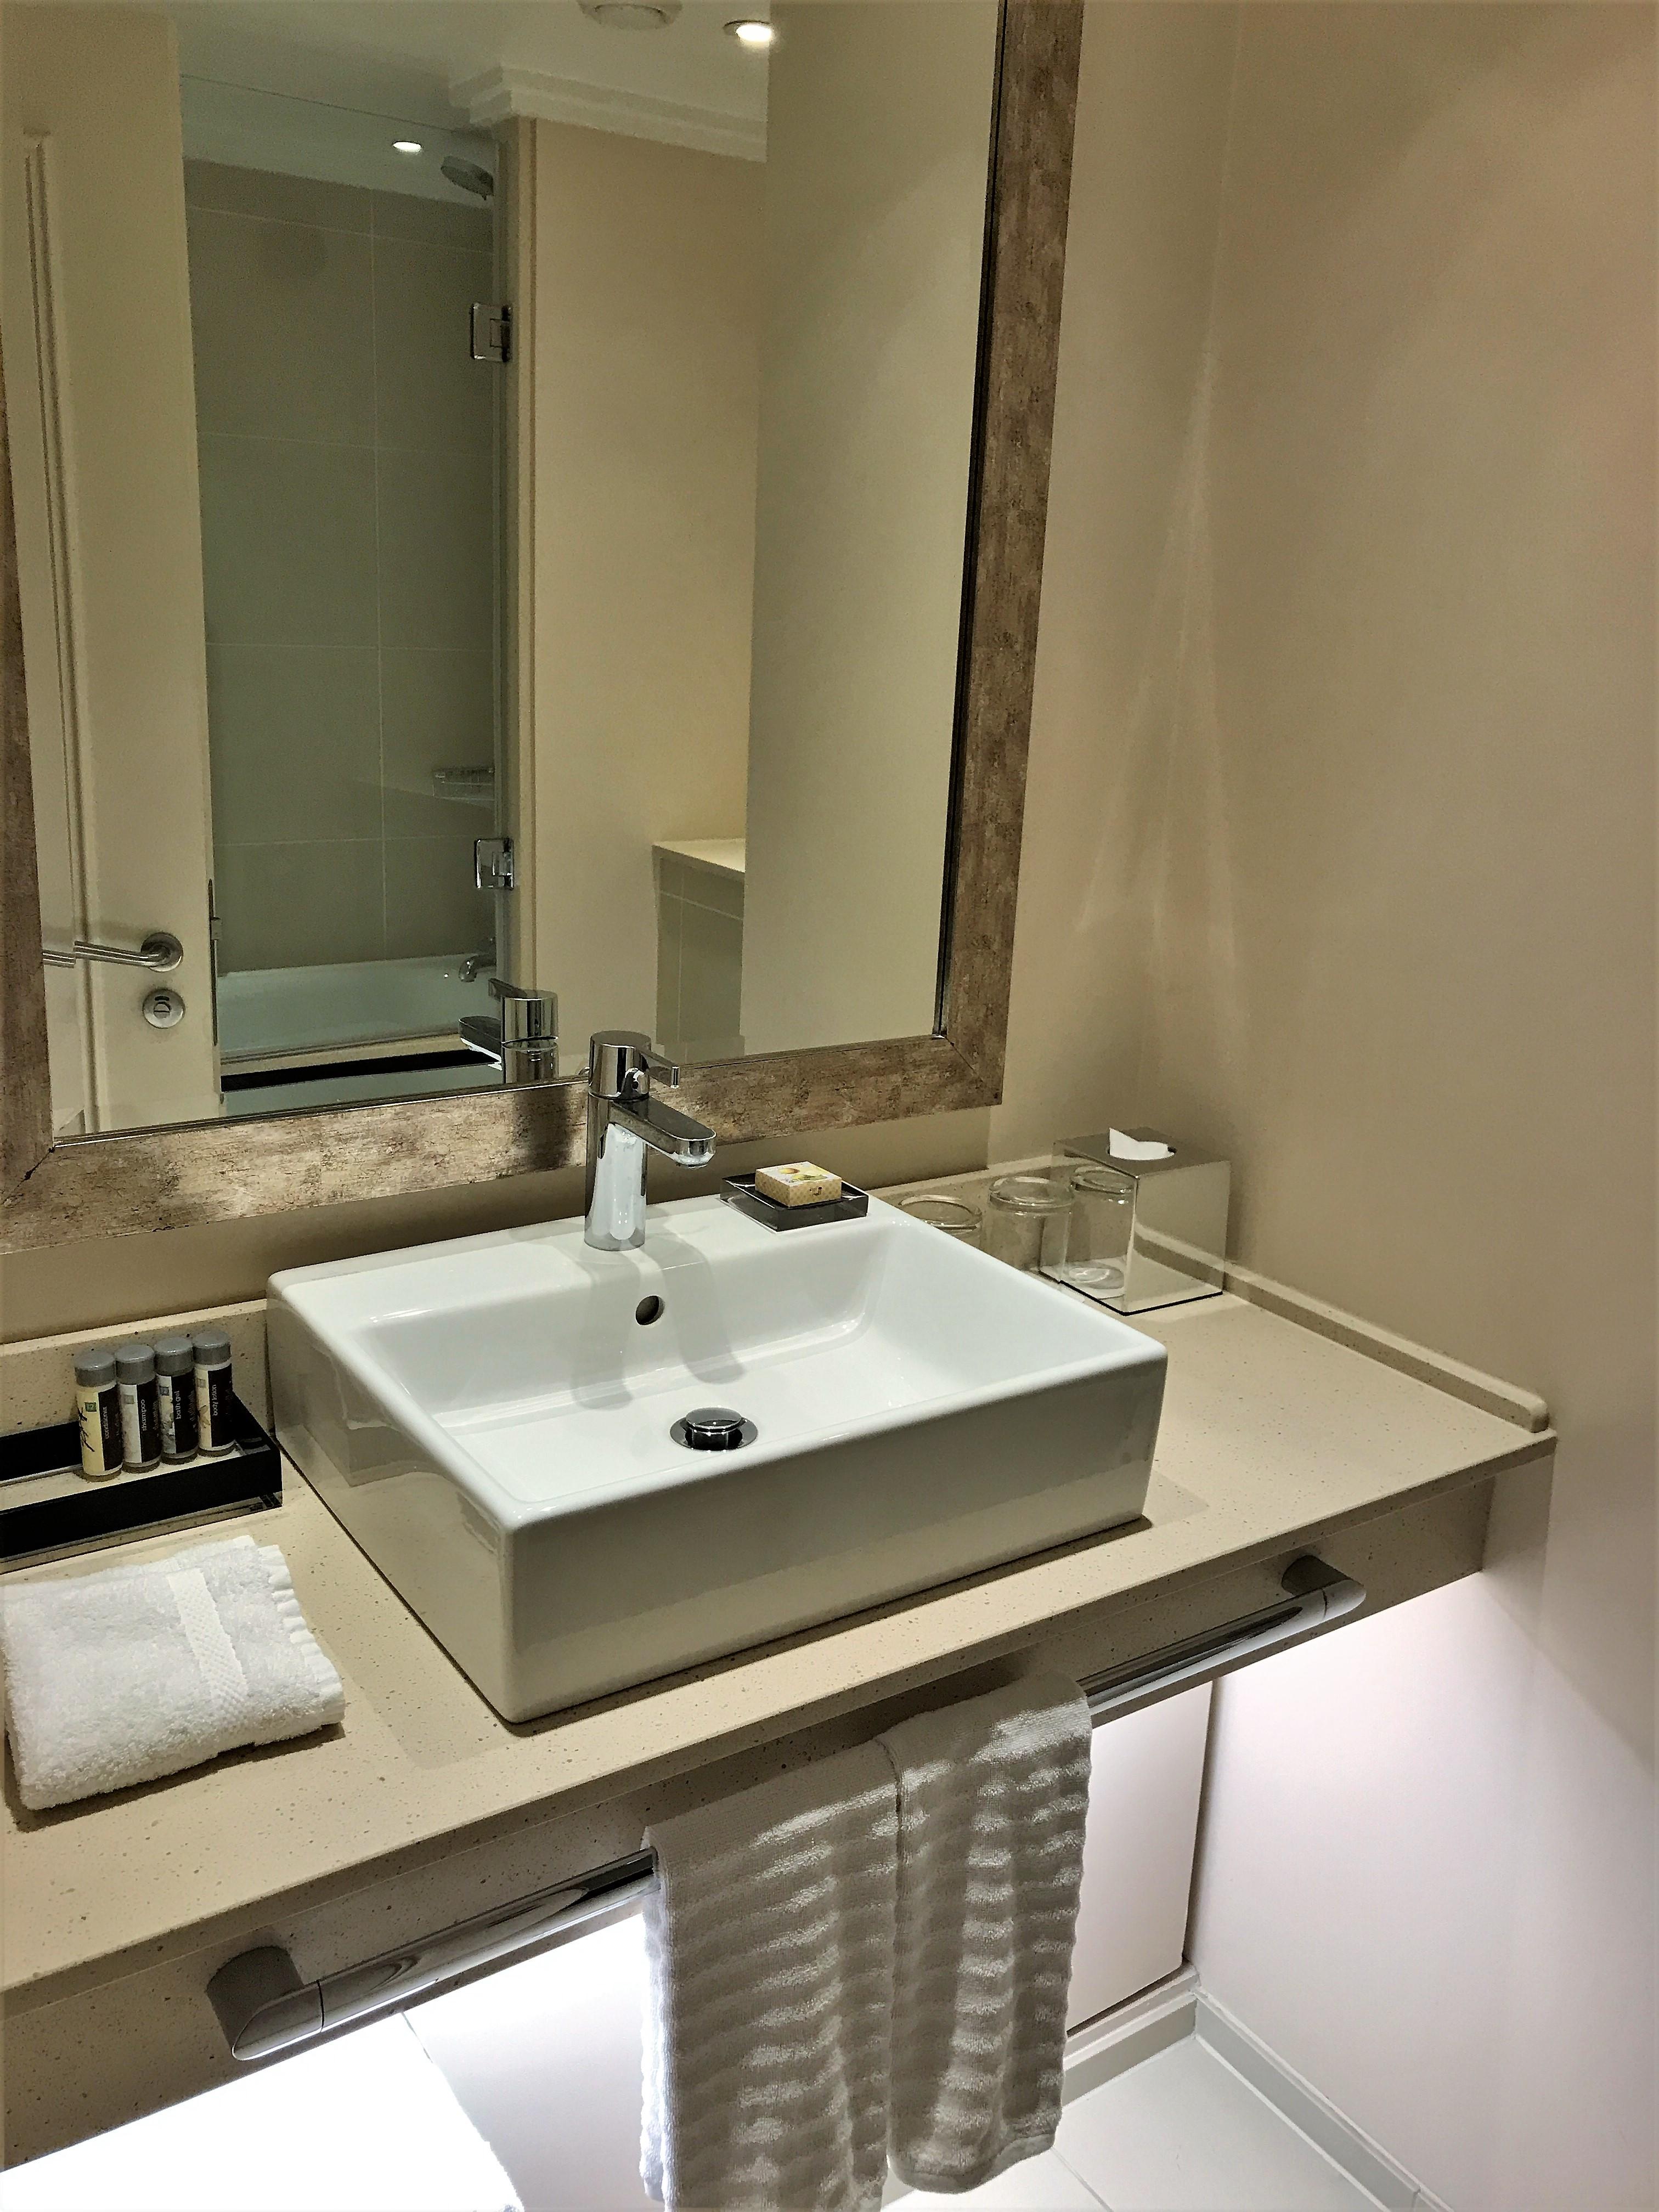 St Pancras Renaissance hotel review London